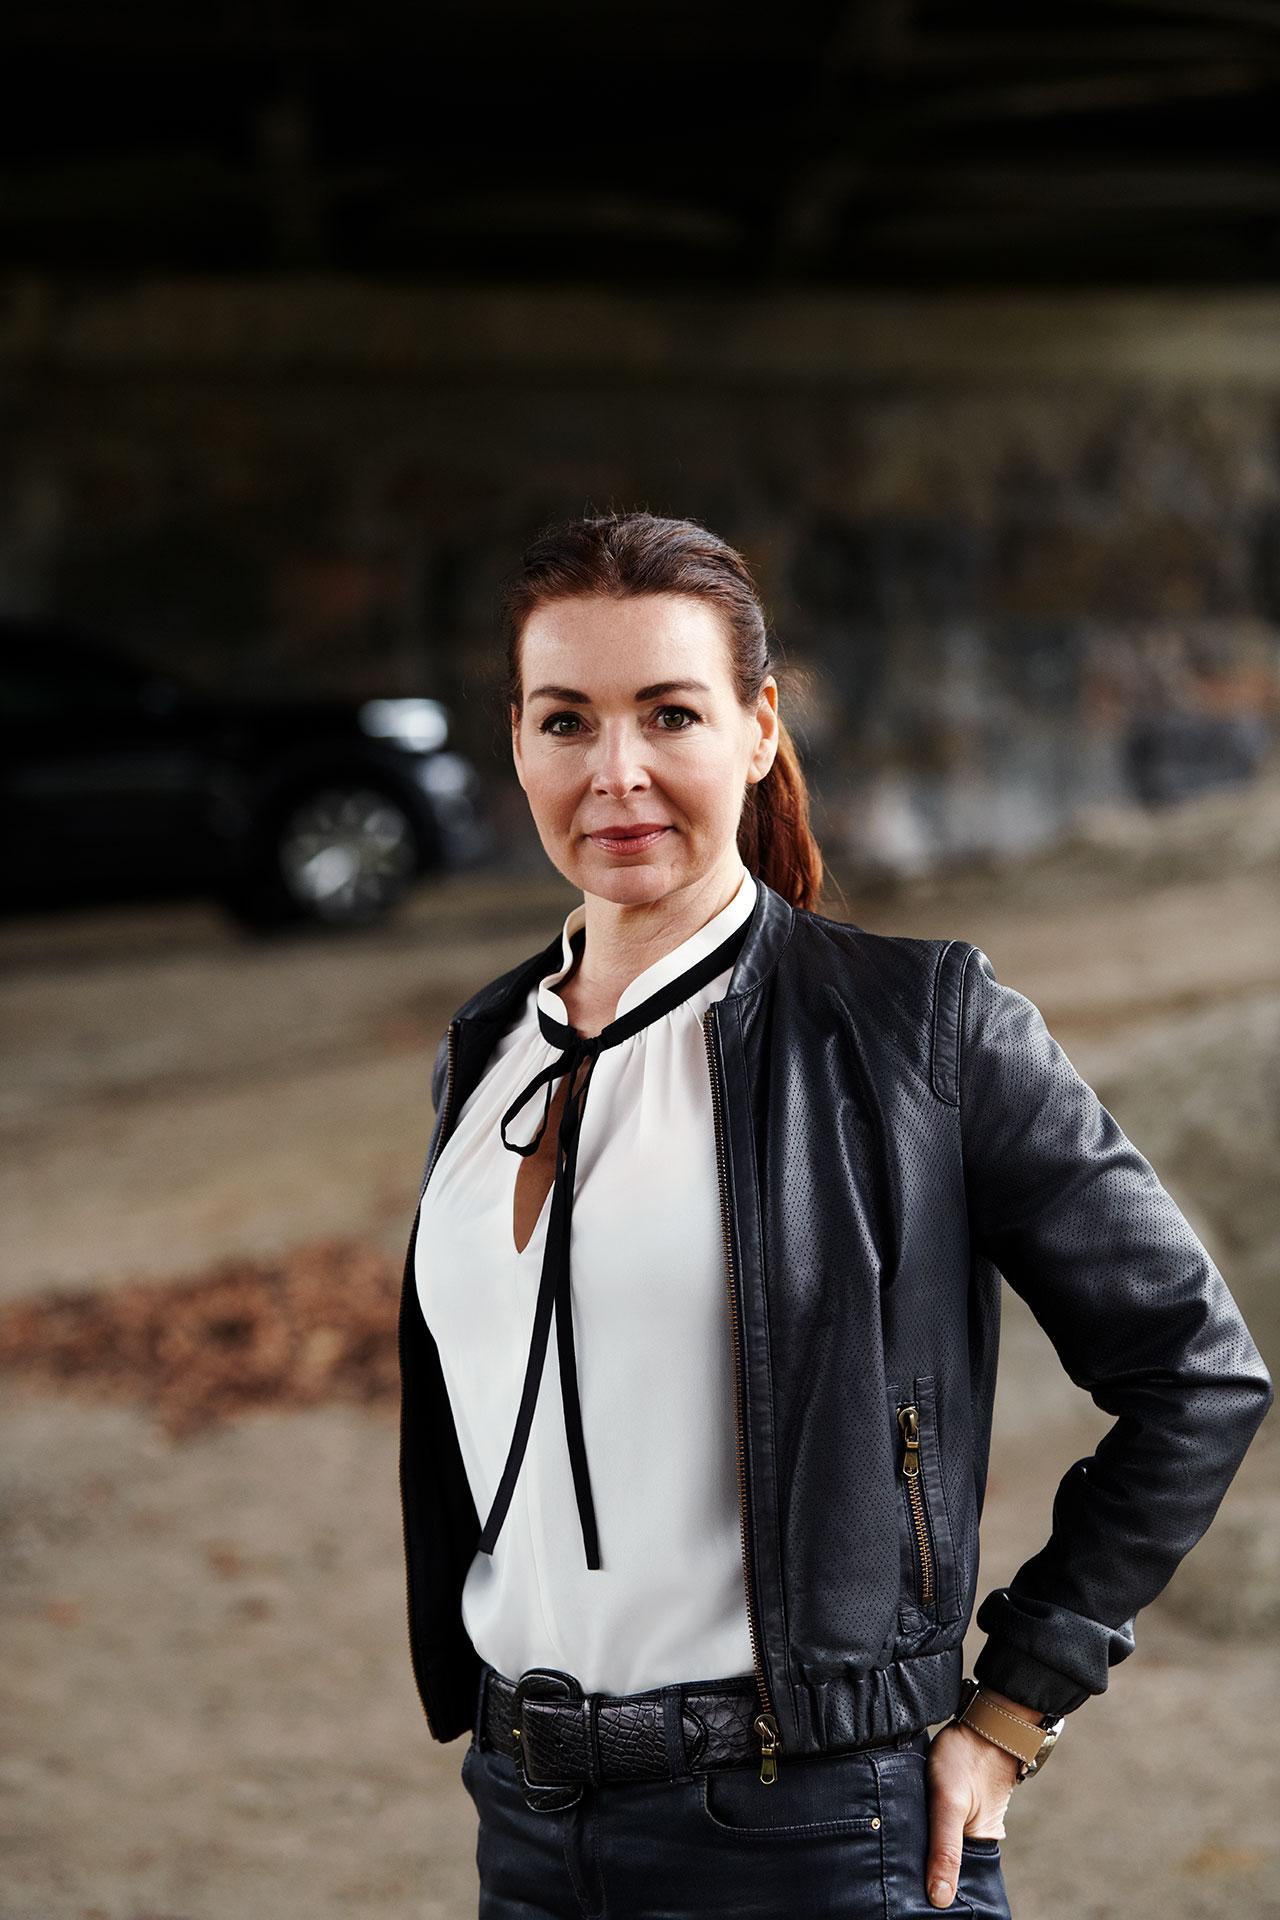 Livet är ett äventyr för Renata Chlumska